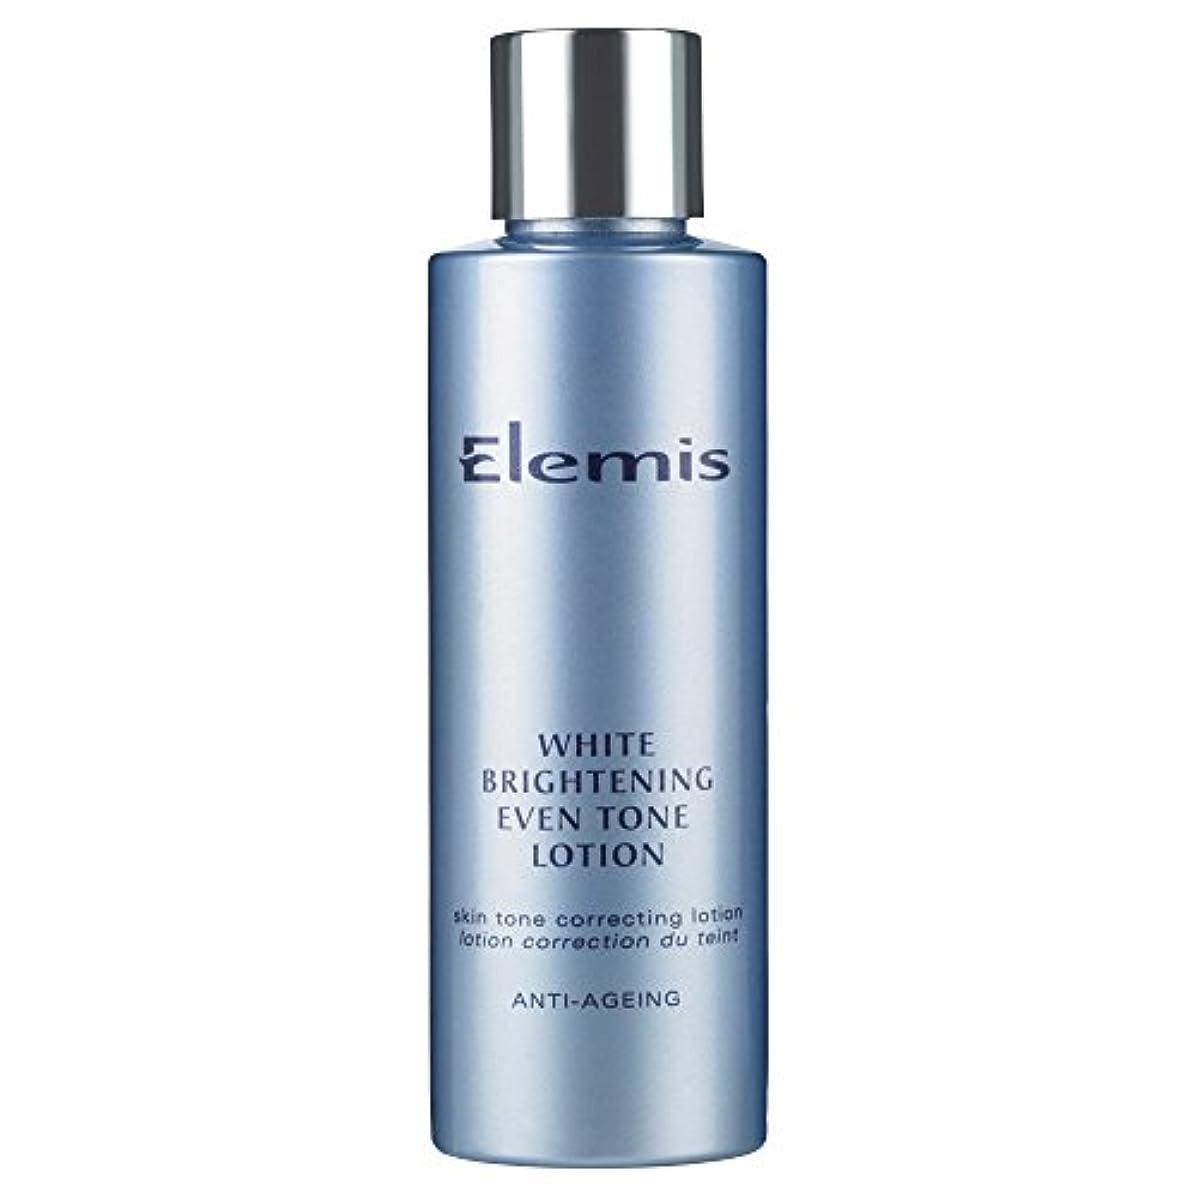 防止歯痛交通渋滞エレミス白い光沢さえトーンローション150ミリリットル (Elemis) - Elemis White Brightening Even Tone Lotion 150ml [並行輸入品]